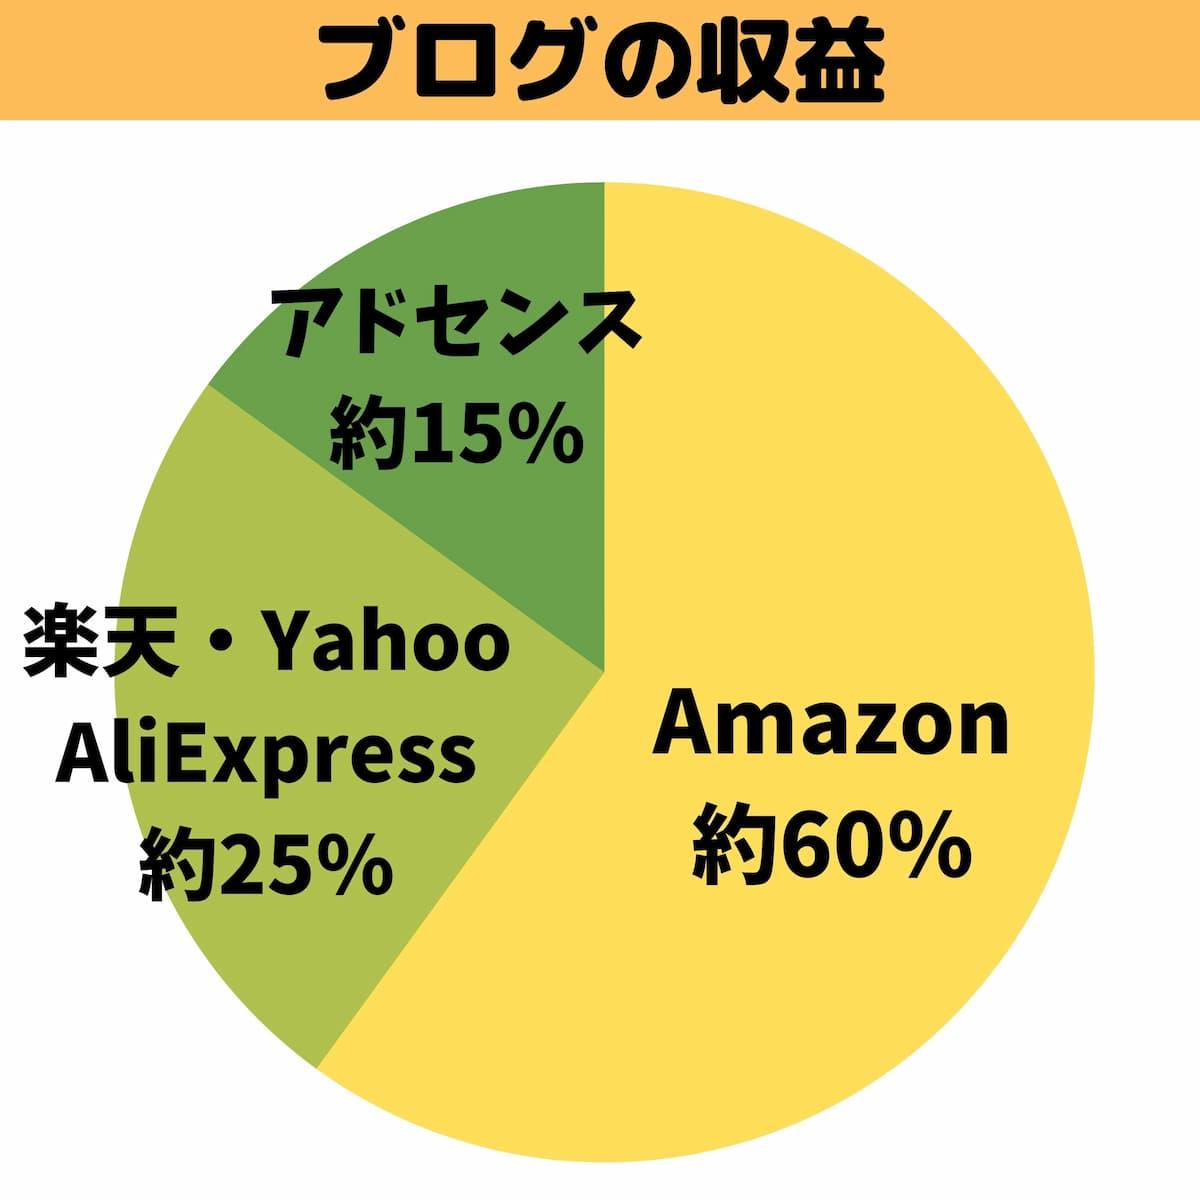 ブログの収益分布